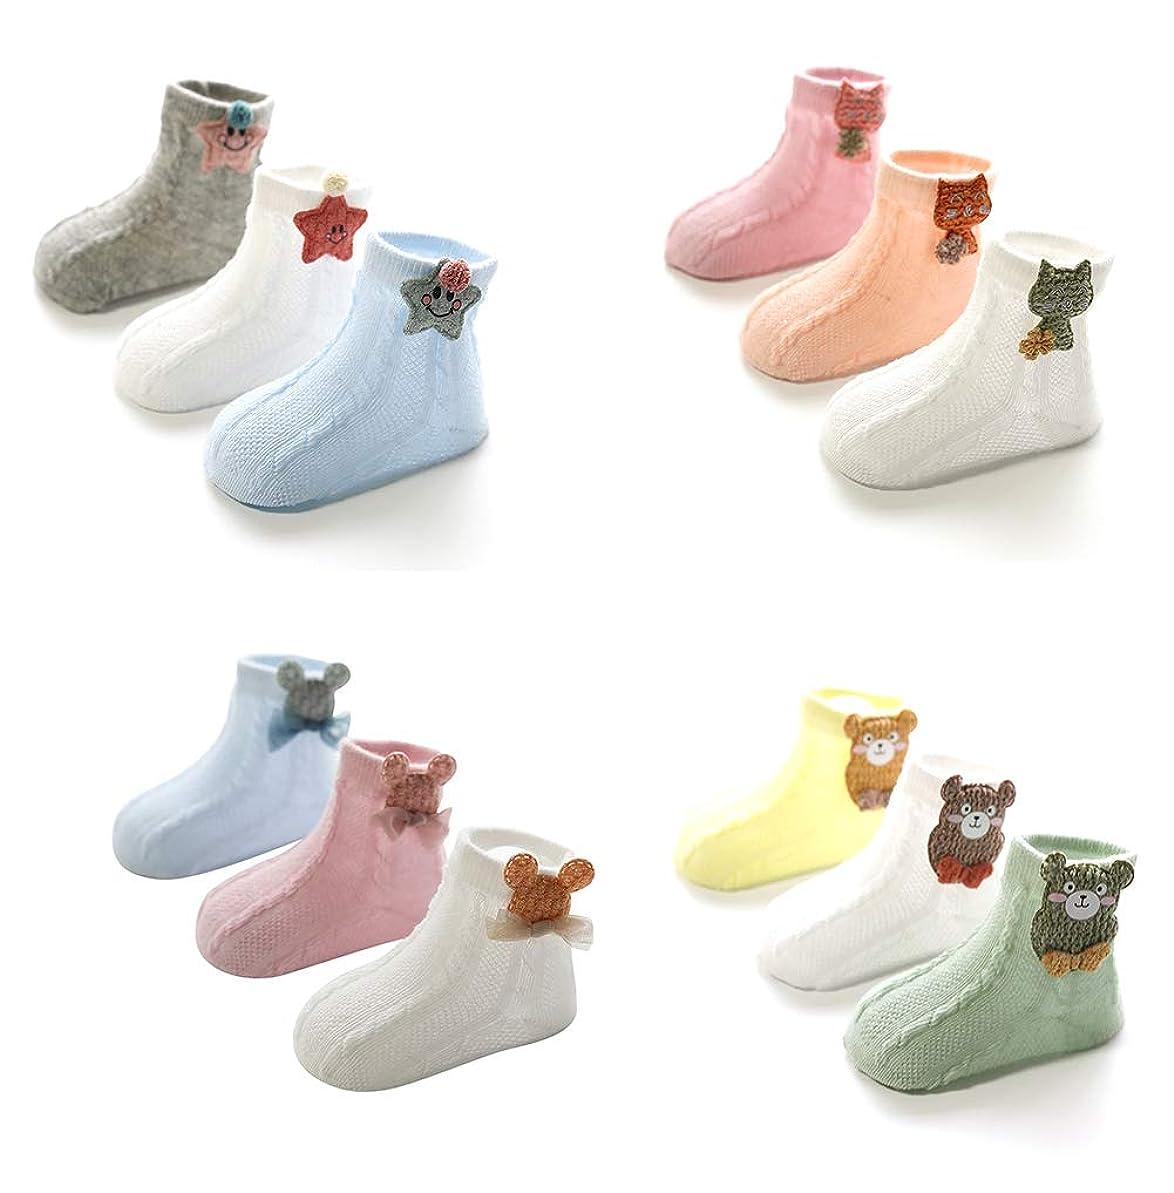 特権マットスロベニア綿の赤ちゃんの靴下通気性メッシュ夏の靴下クマと星の幼児幼児かわいいソフト女の子12パック0-3年